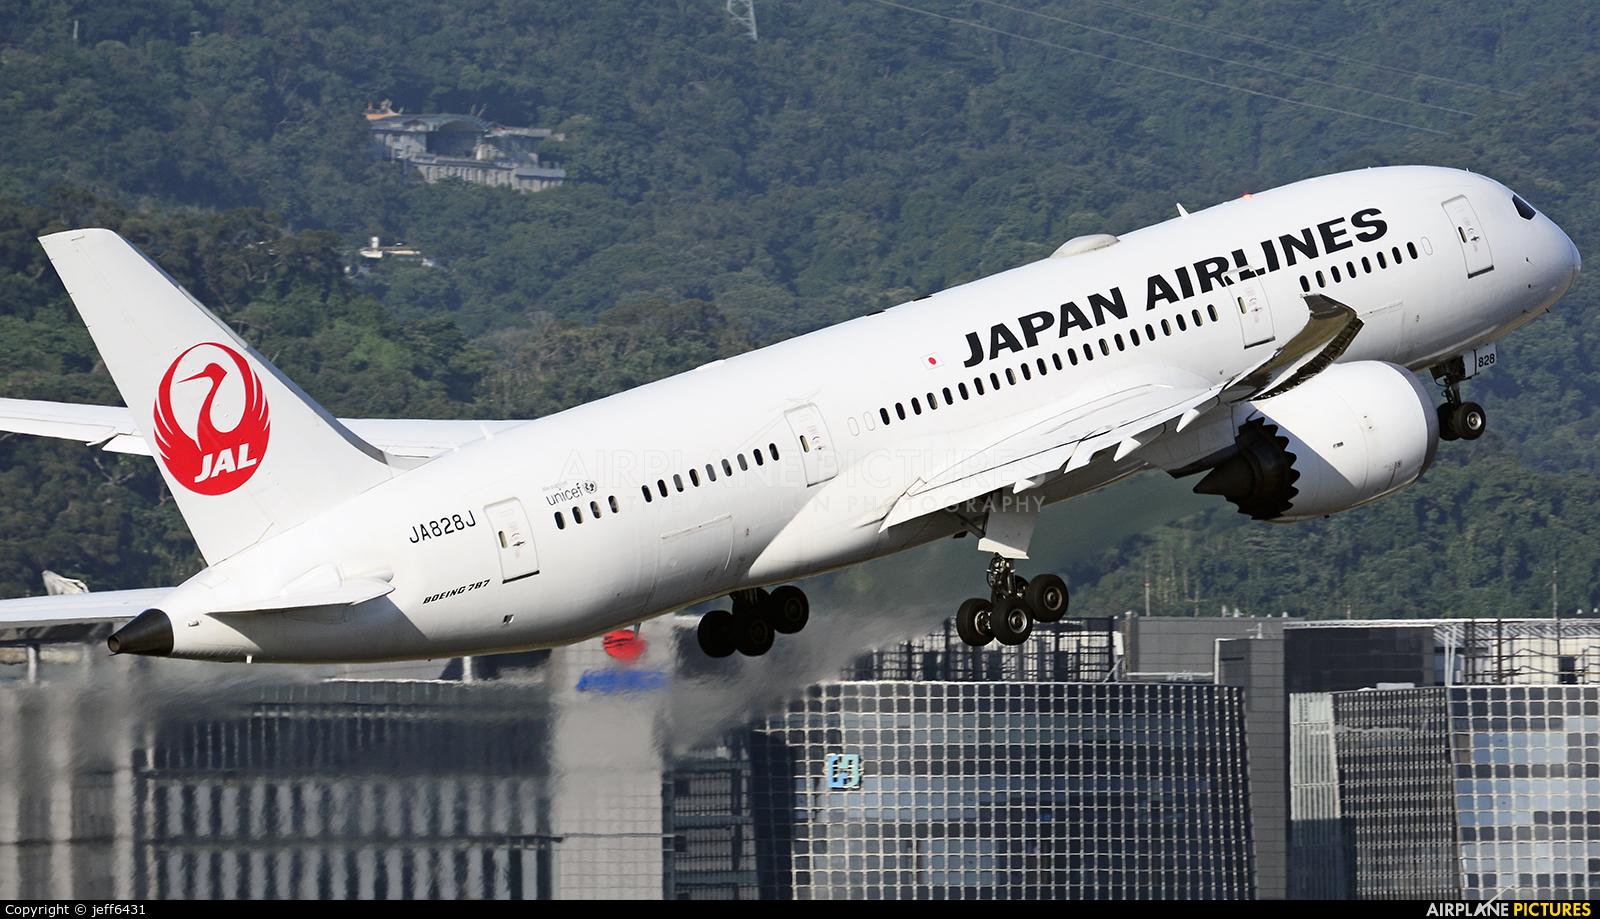 JAL - Japan Airlines JA828J aircraft at Taipei - Sung Shan